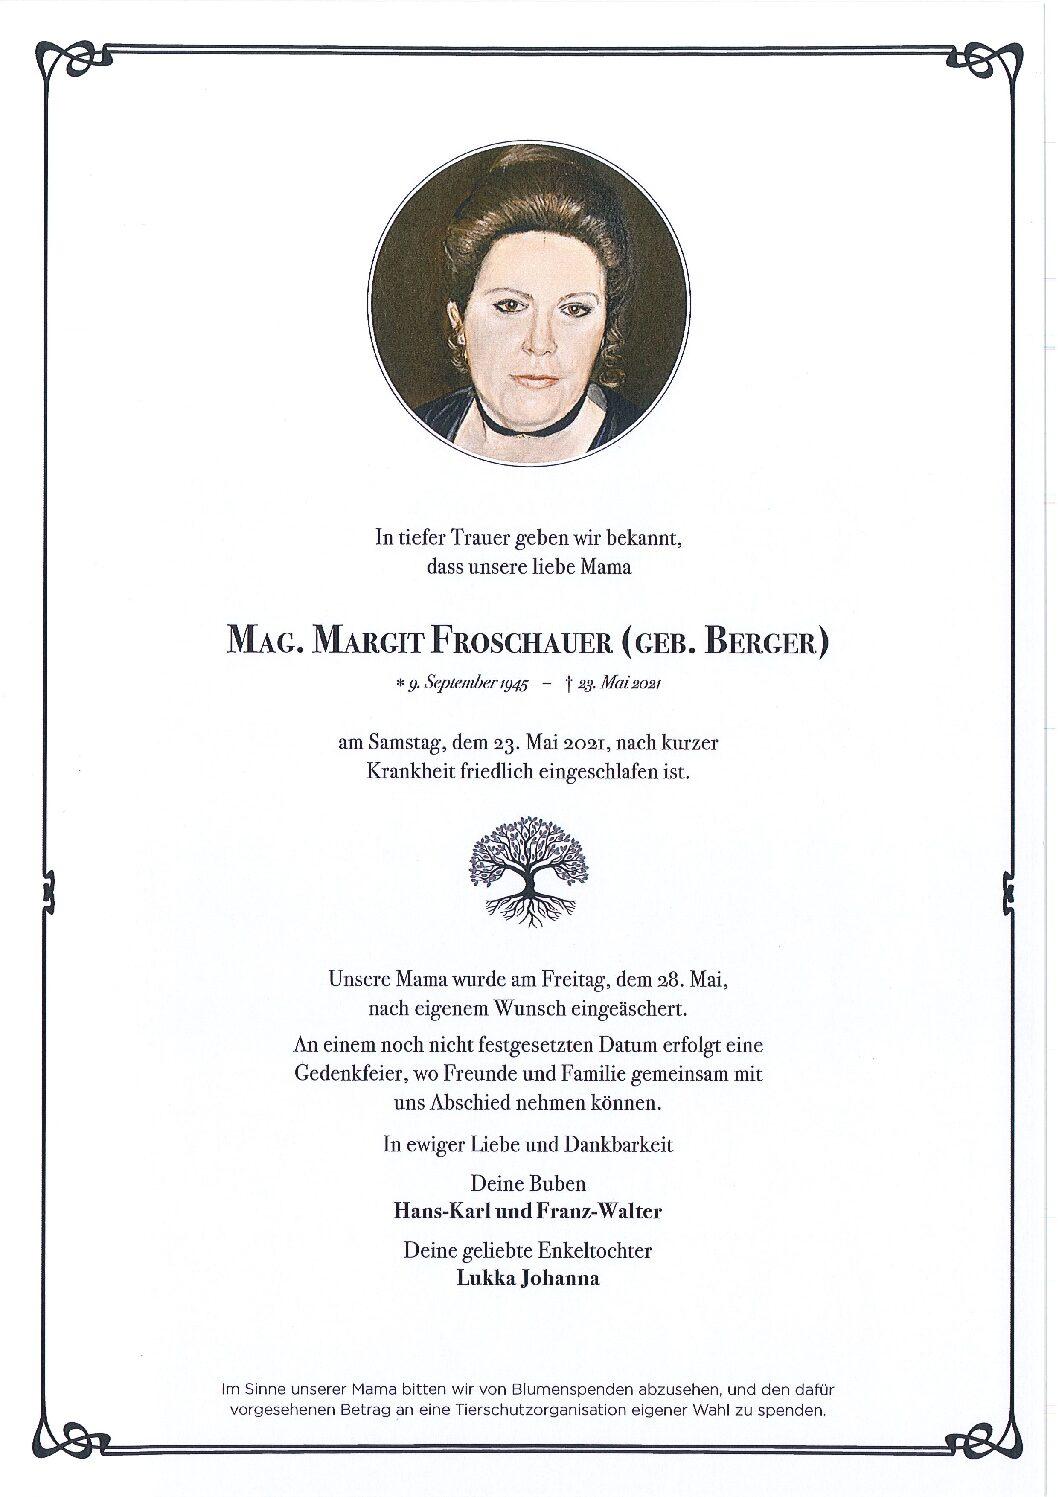 Margit Froschauer